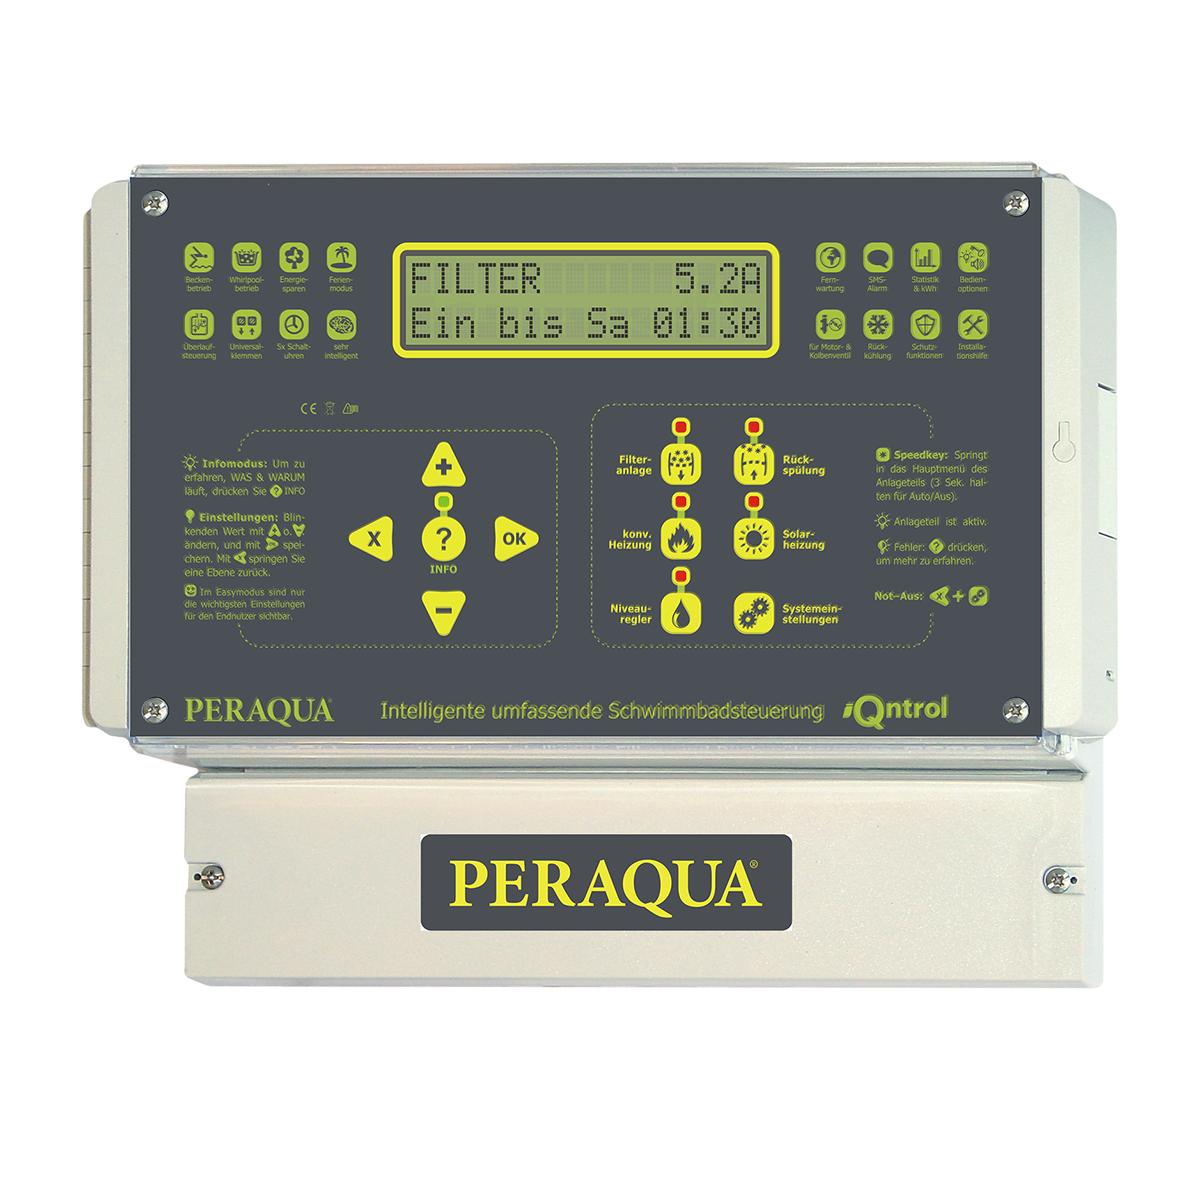 iQntrol-P4 Filtersteuerung inkl. Solarsteuerung und Rückspülsteuerung 230V und 400V iQntrol-P4 Filtersteuerung inkl. Solarsteuerung und Rückspülsteuerung 230V und 400V